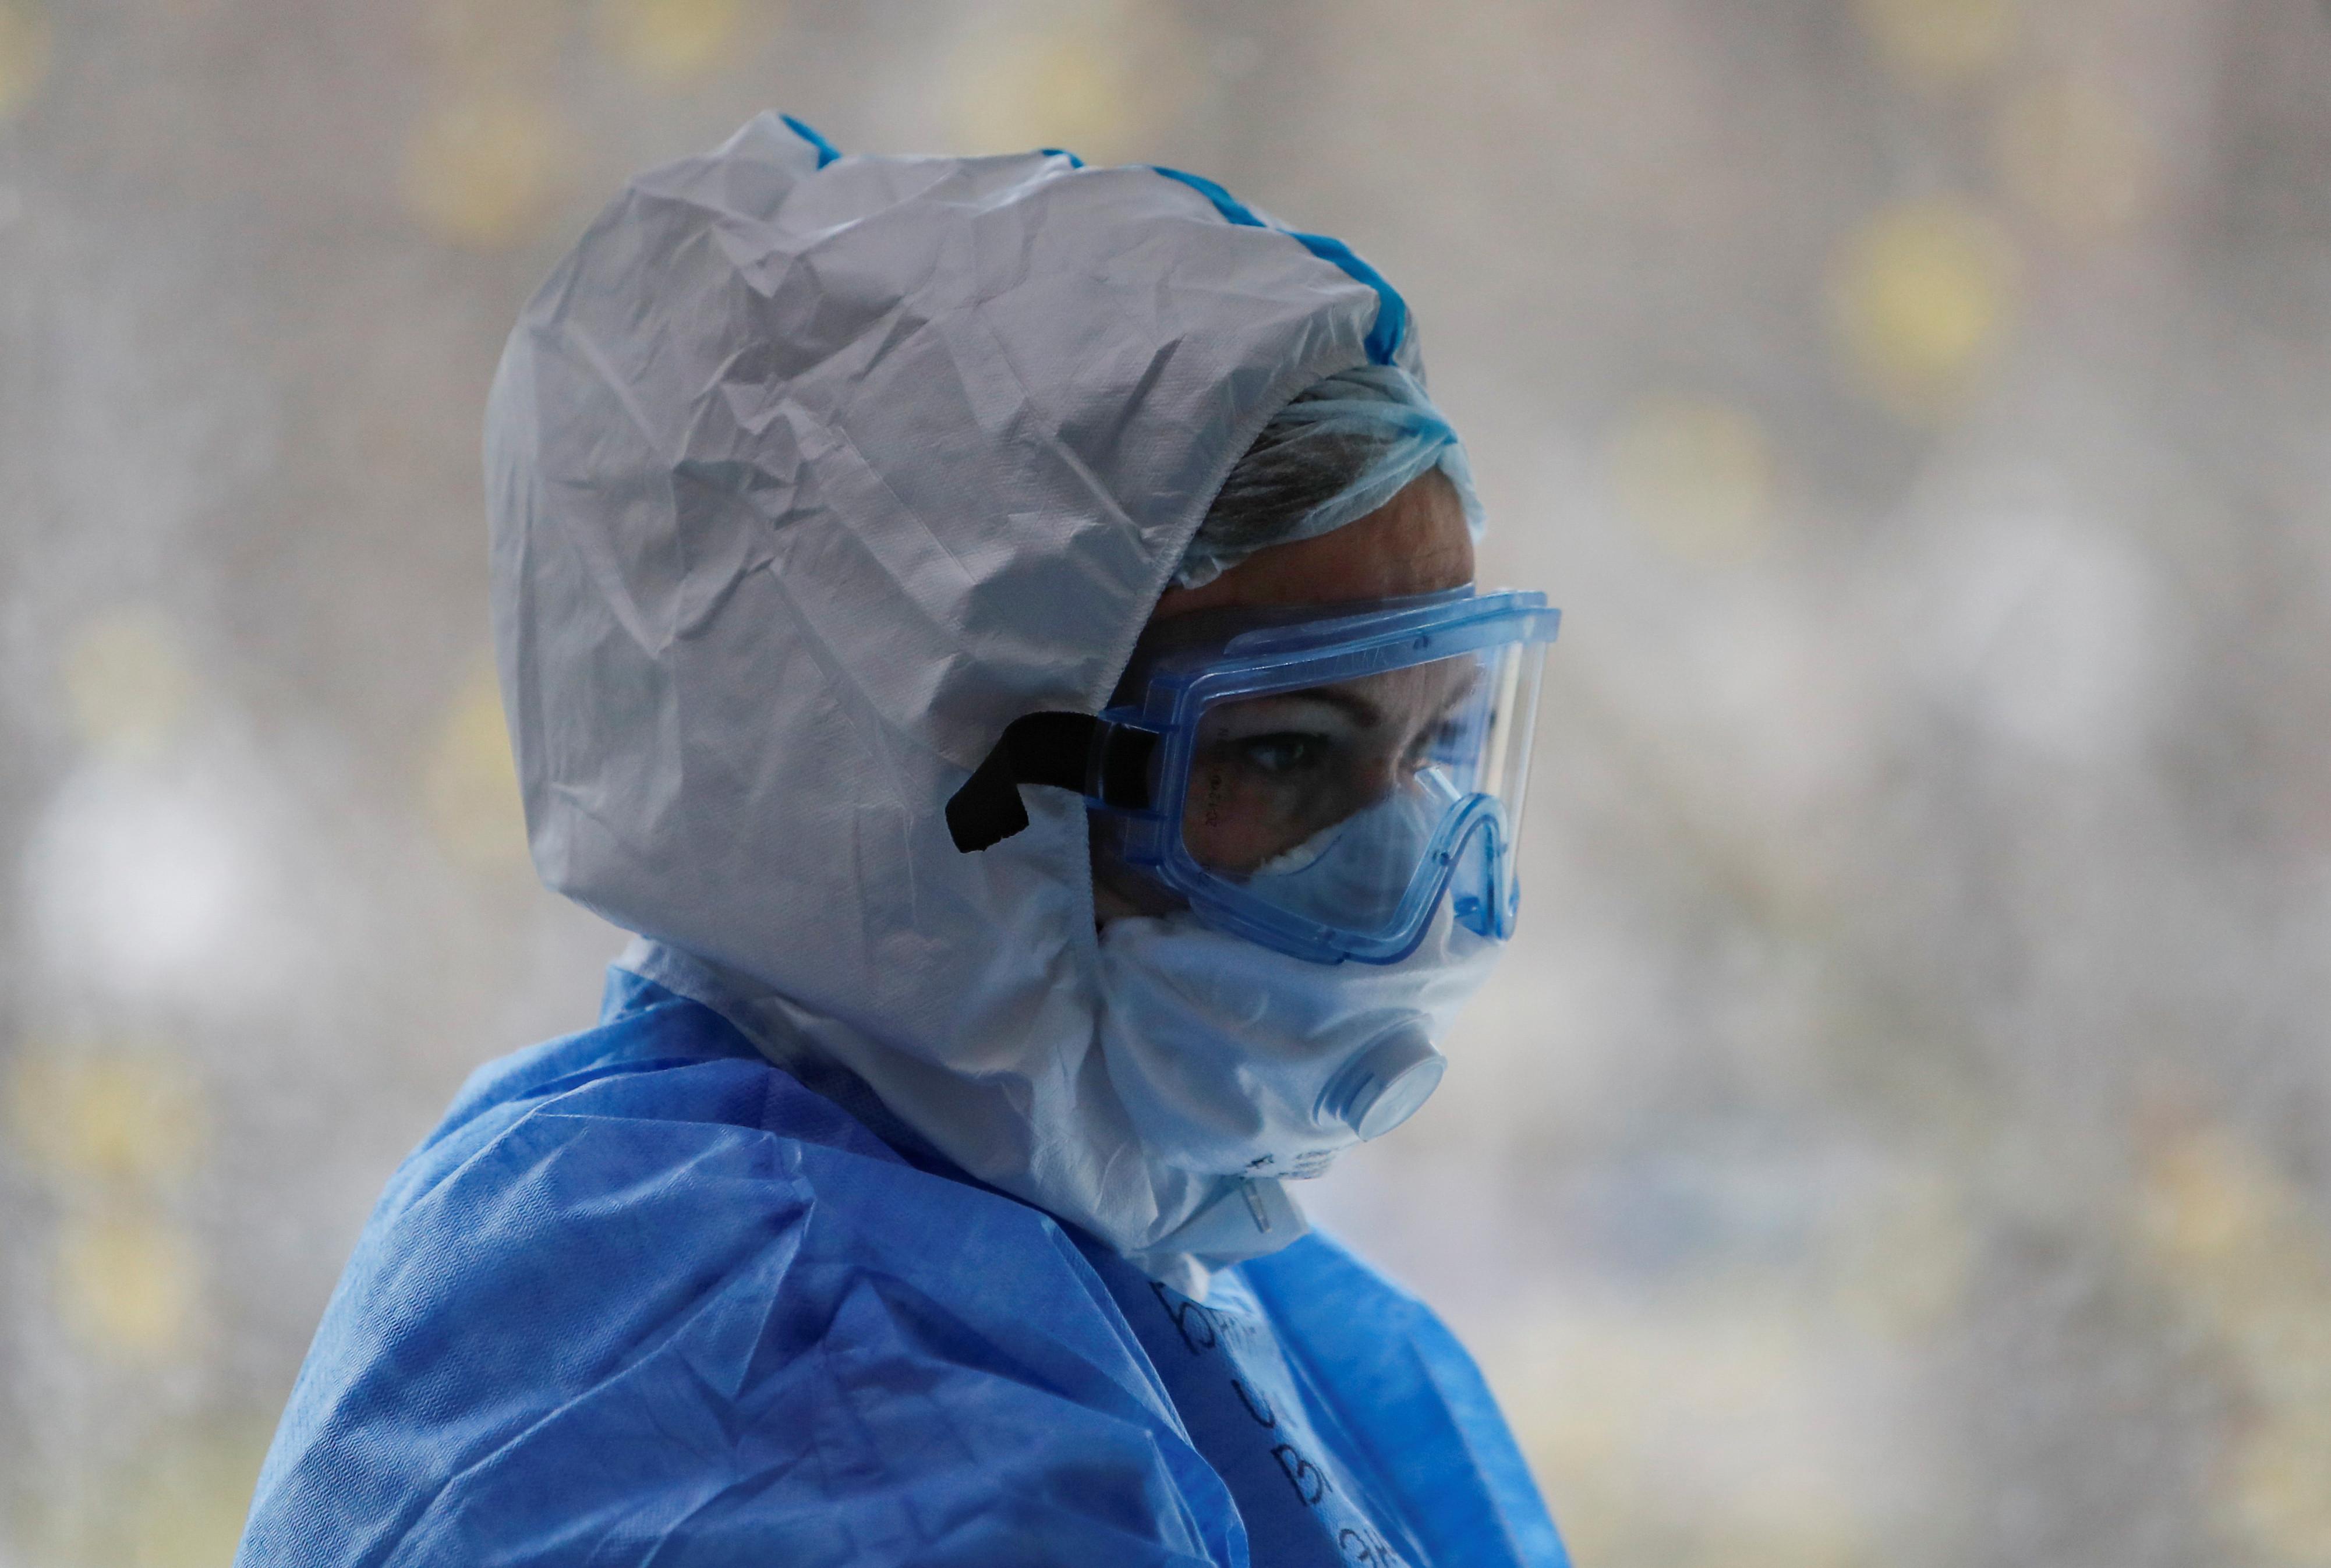 Le docteur Irina Barkhatova portant un équipement de protection individuelle (EPI) dans l'unité de soins intensifs (USI) dans un hôpital de Moscou, Russie